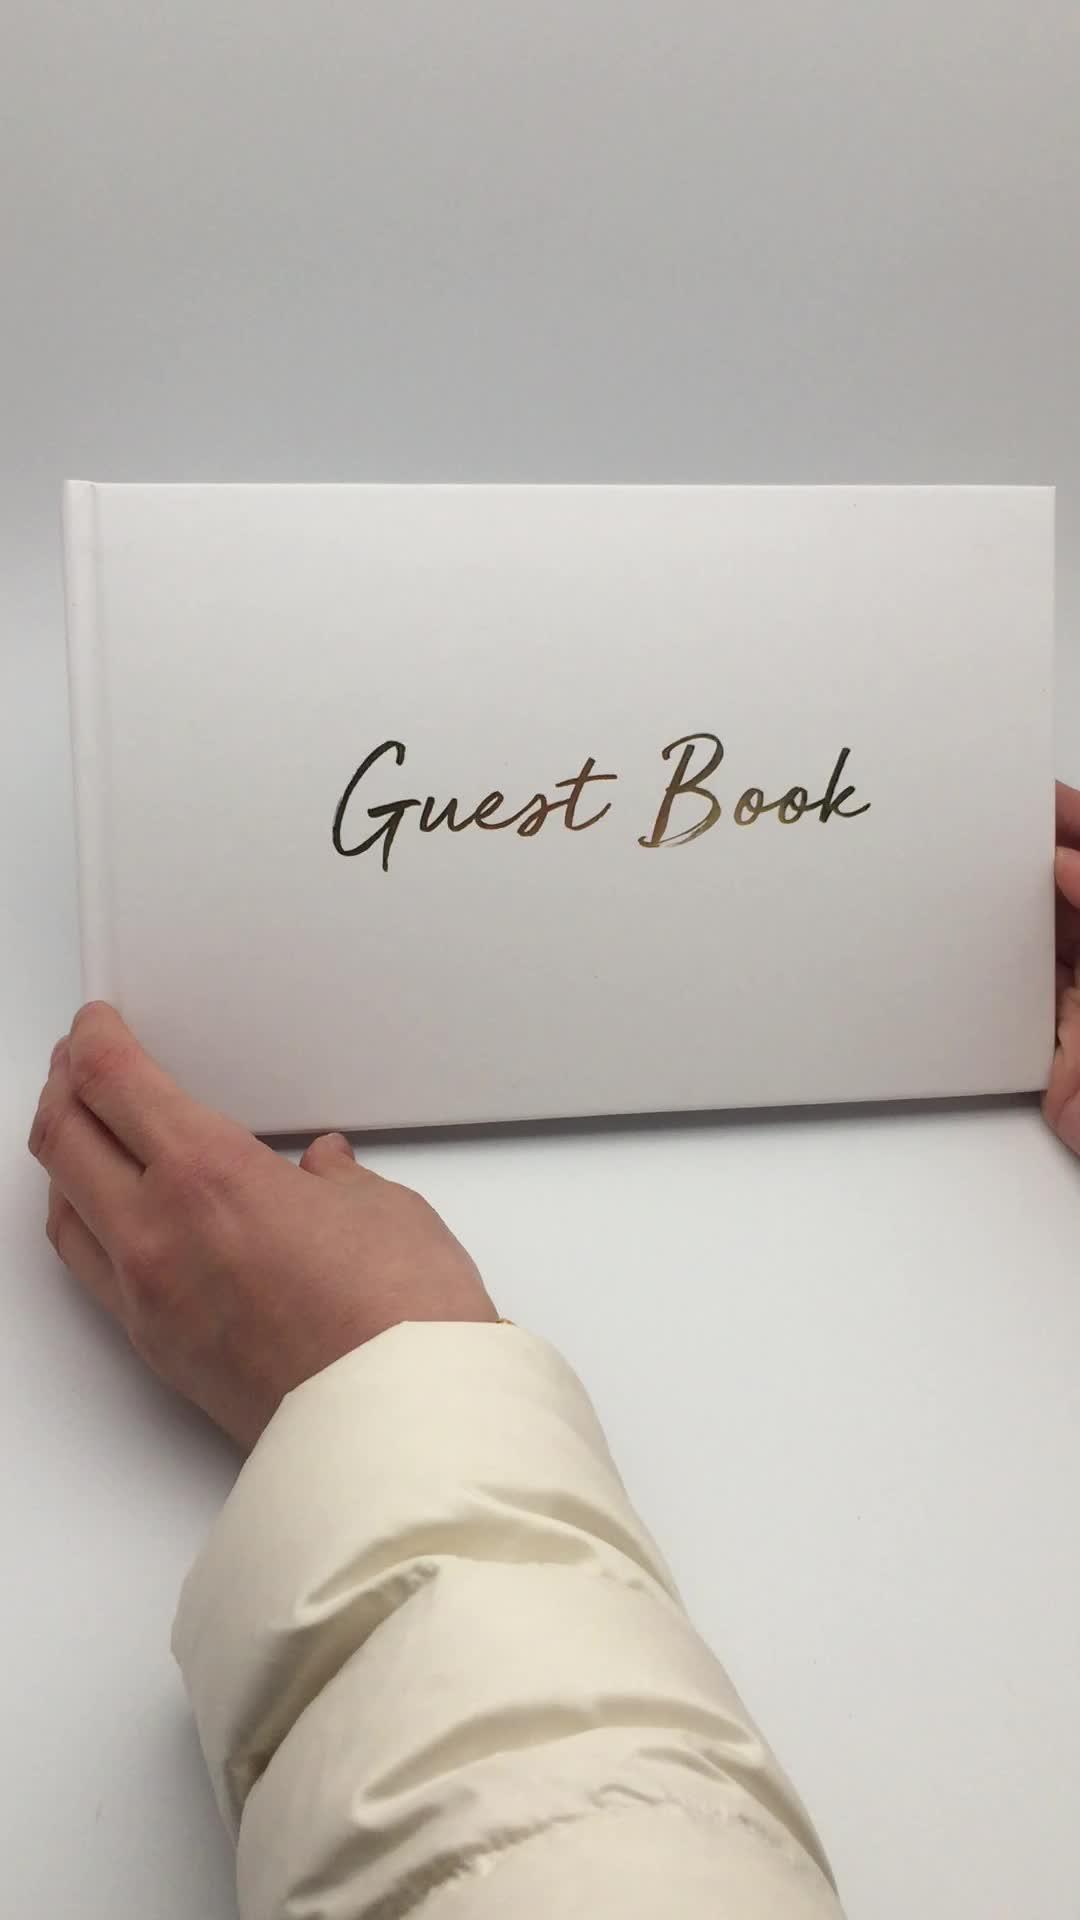 Dilian Casamento 2018 Novo Livro De Visitas Para O Mercado Europeu